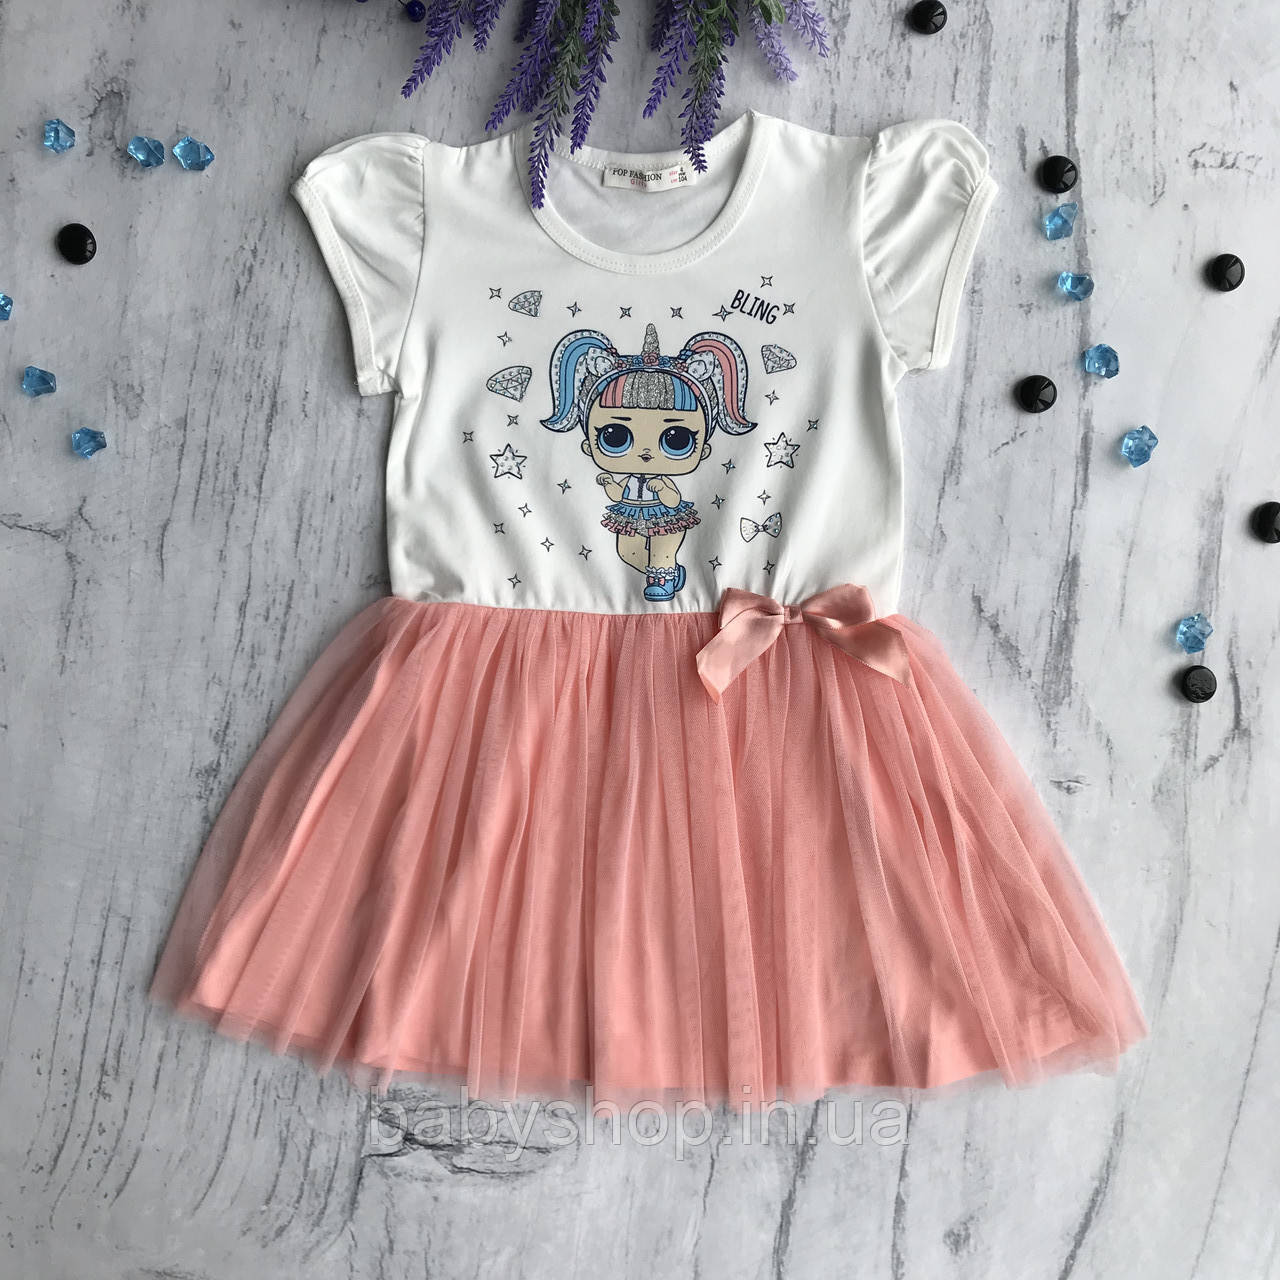 Летнее платье на девочку Breeze Лол 16. Размеры 104 см